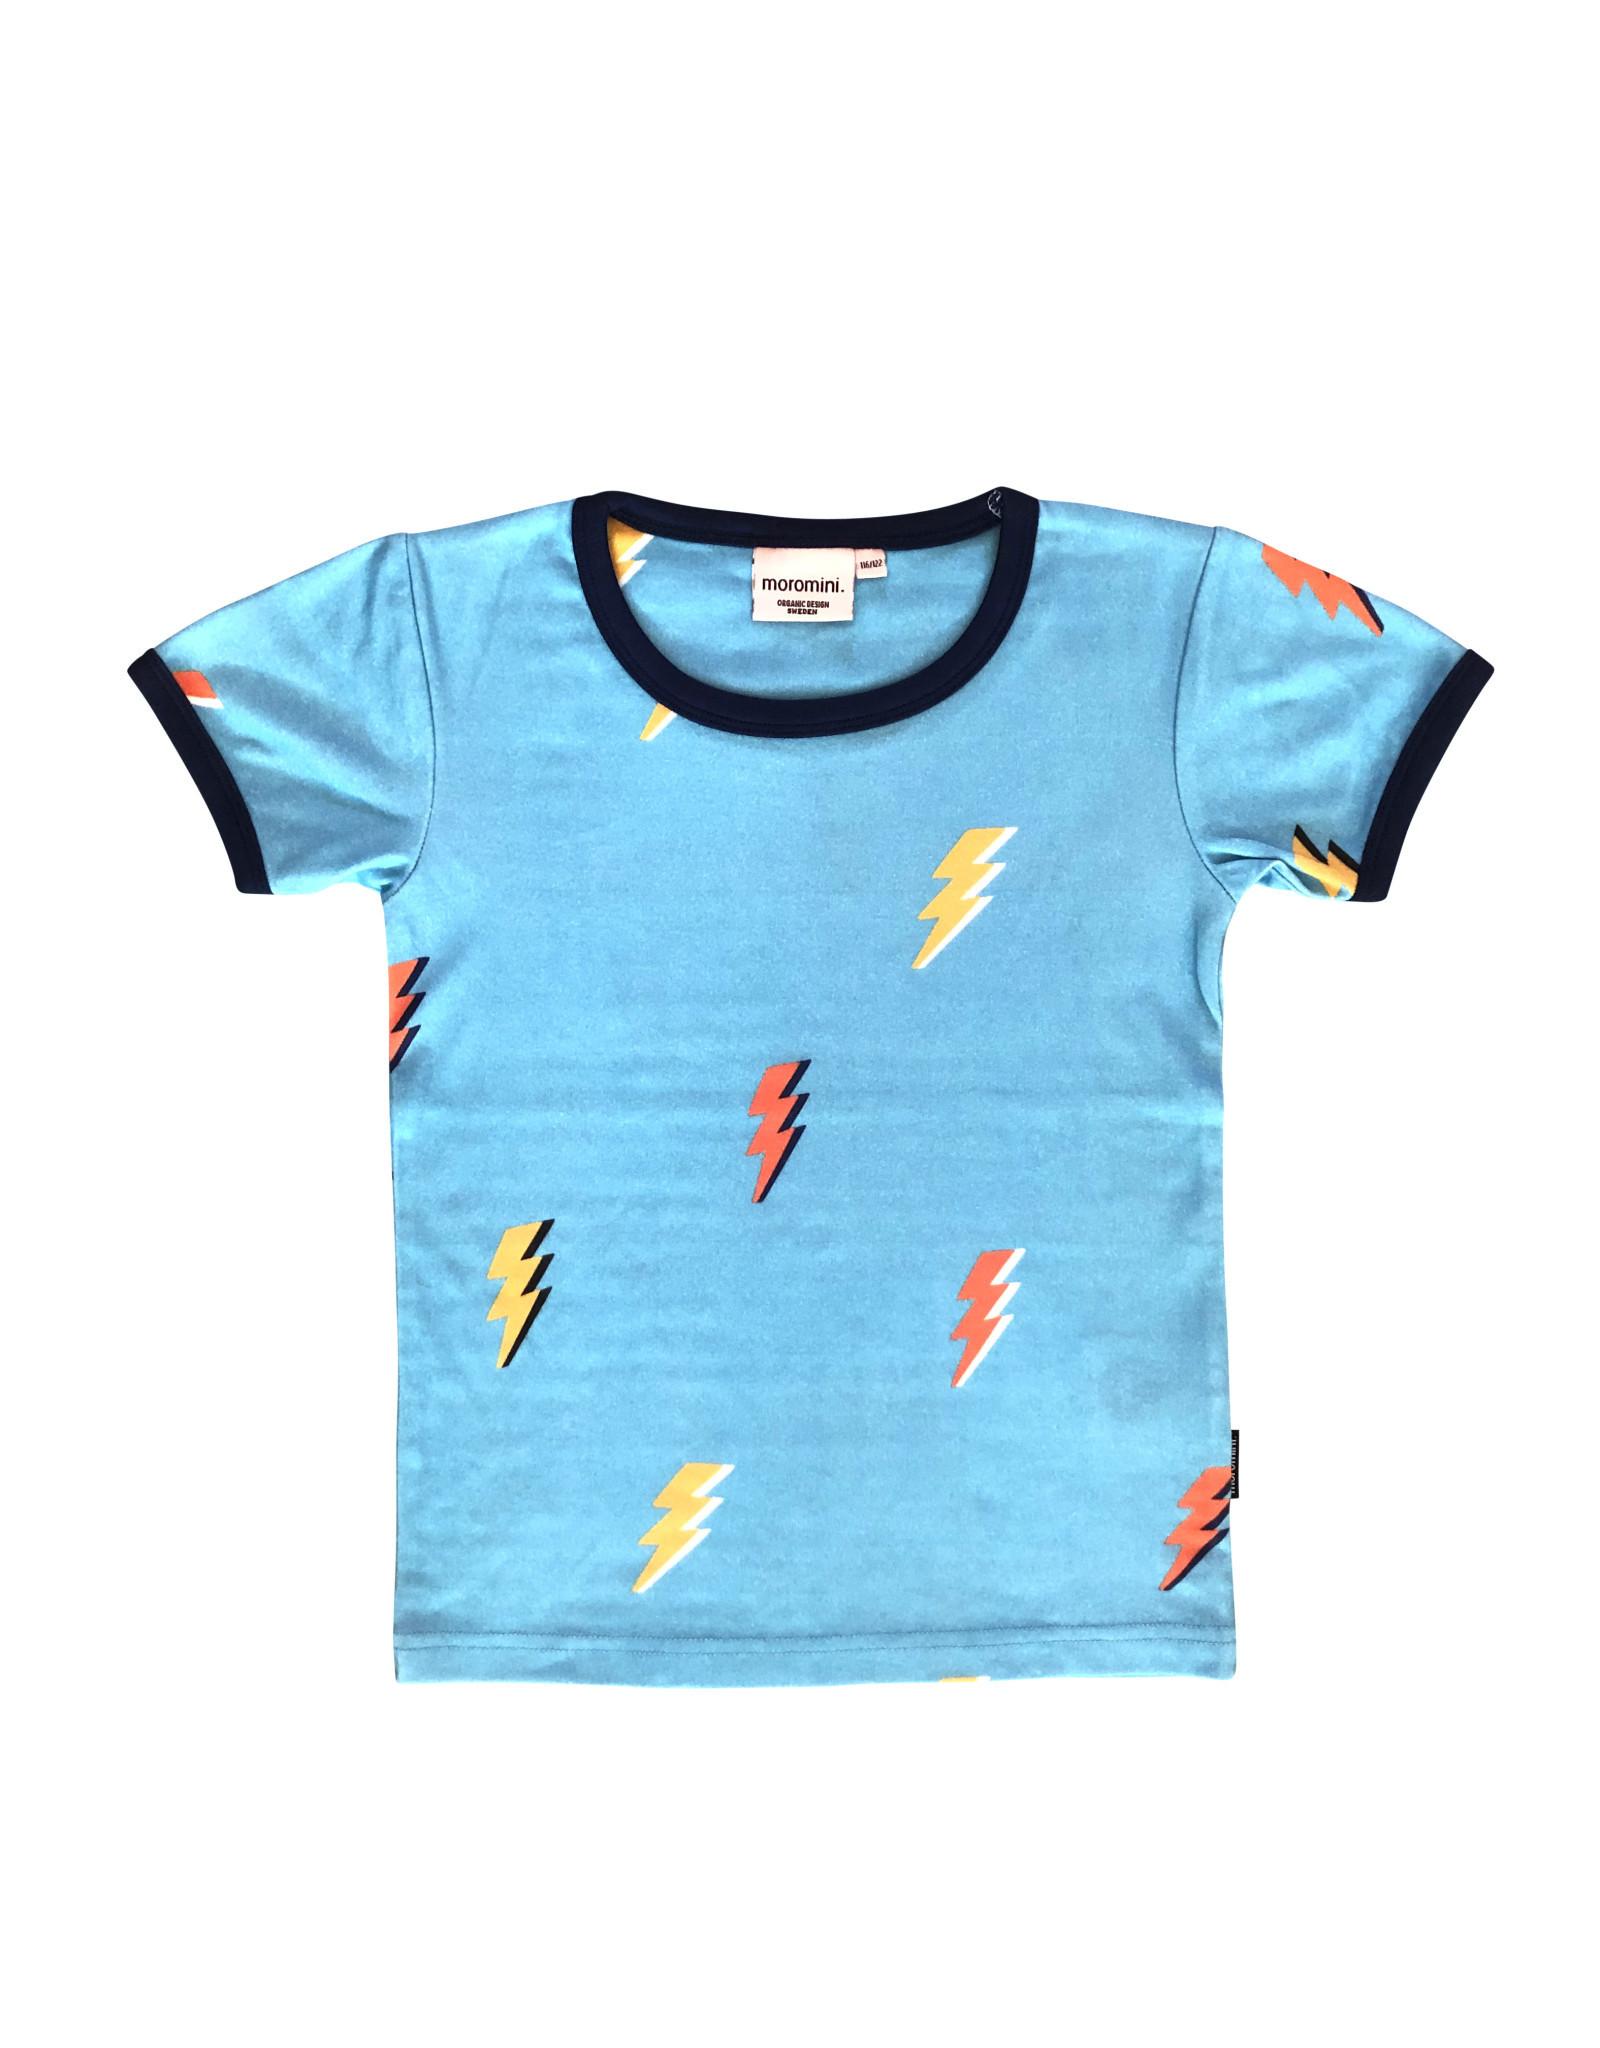 Moromini Blauwe t-shirt met bliksemschichten